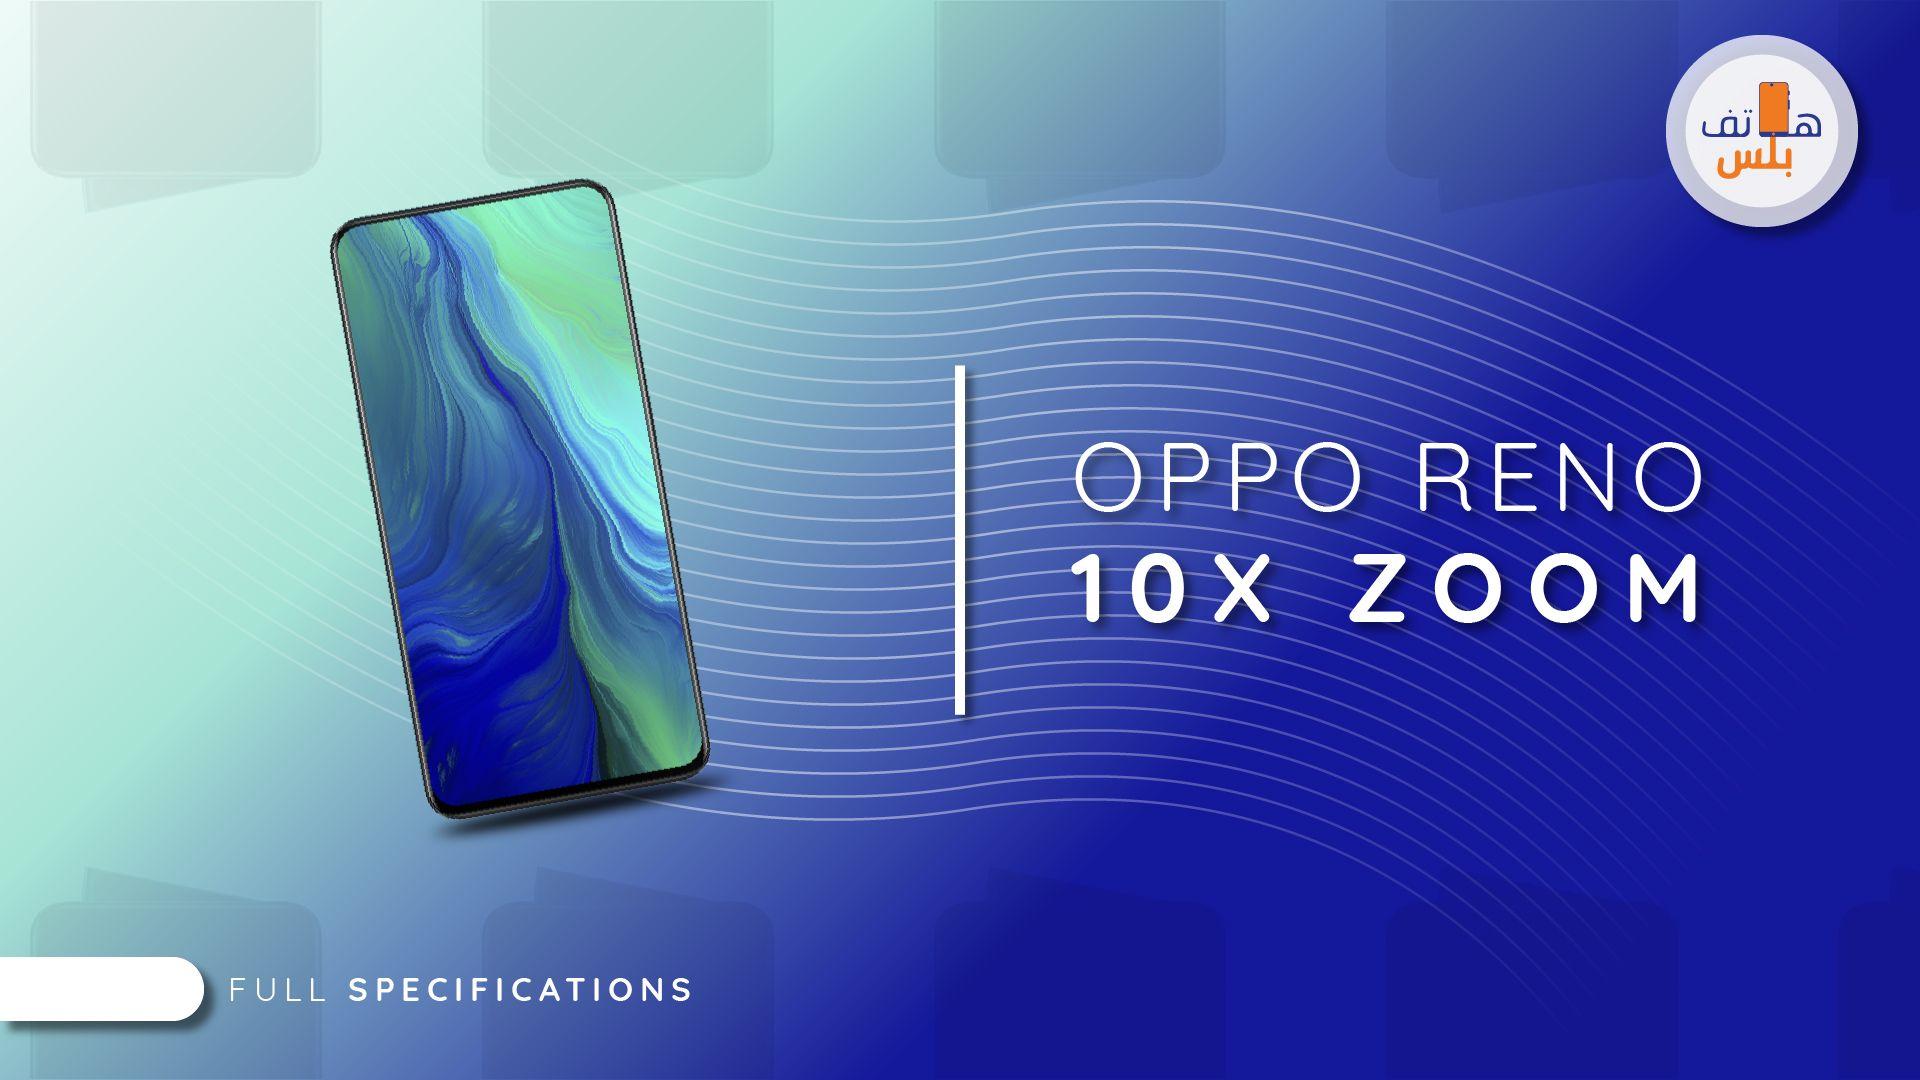 المواصفات الكاملة لهاتف Oppo Reno 10x Zoom أوبو رينو 10x Zoom أقوى فلاجشيب من أوبو هاتف بلس Reno